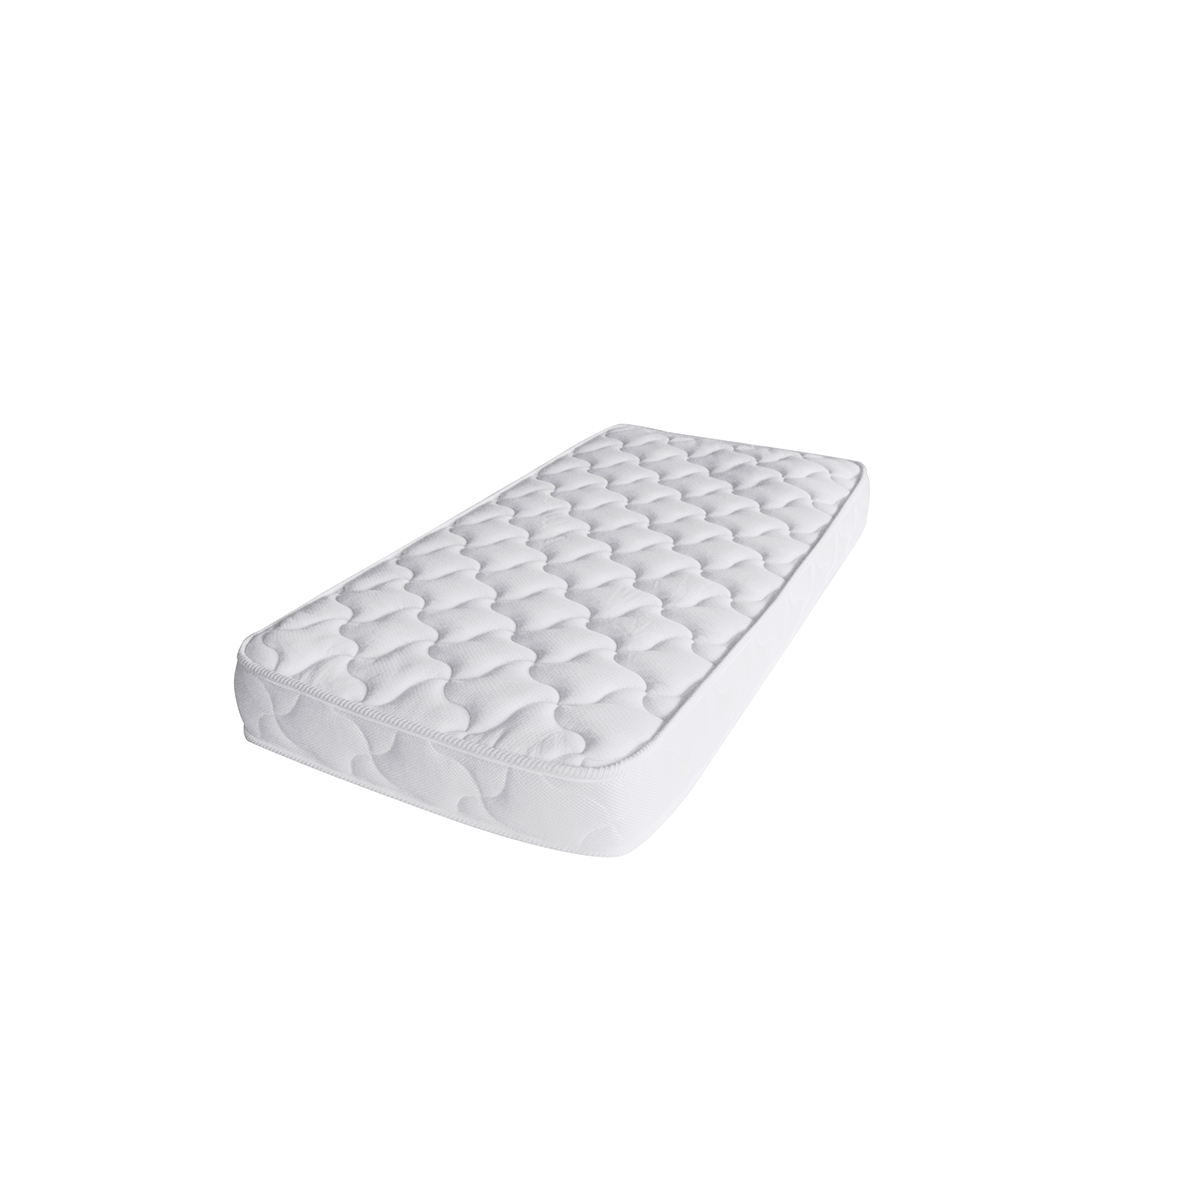 Matelas confort ORION pour baby - Blanc - 70 x 140 cm